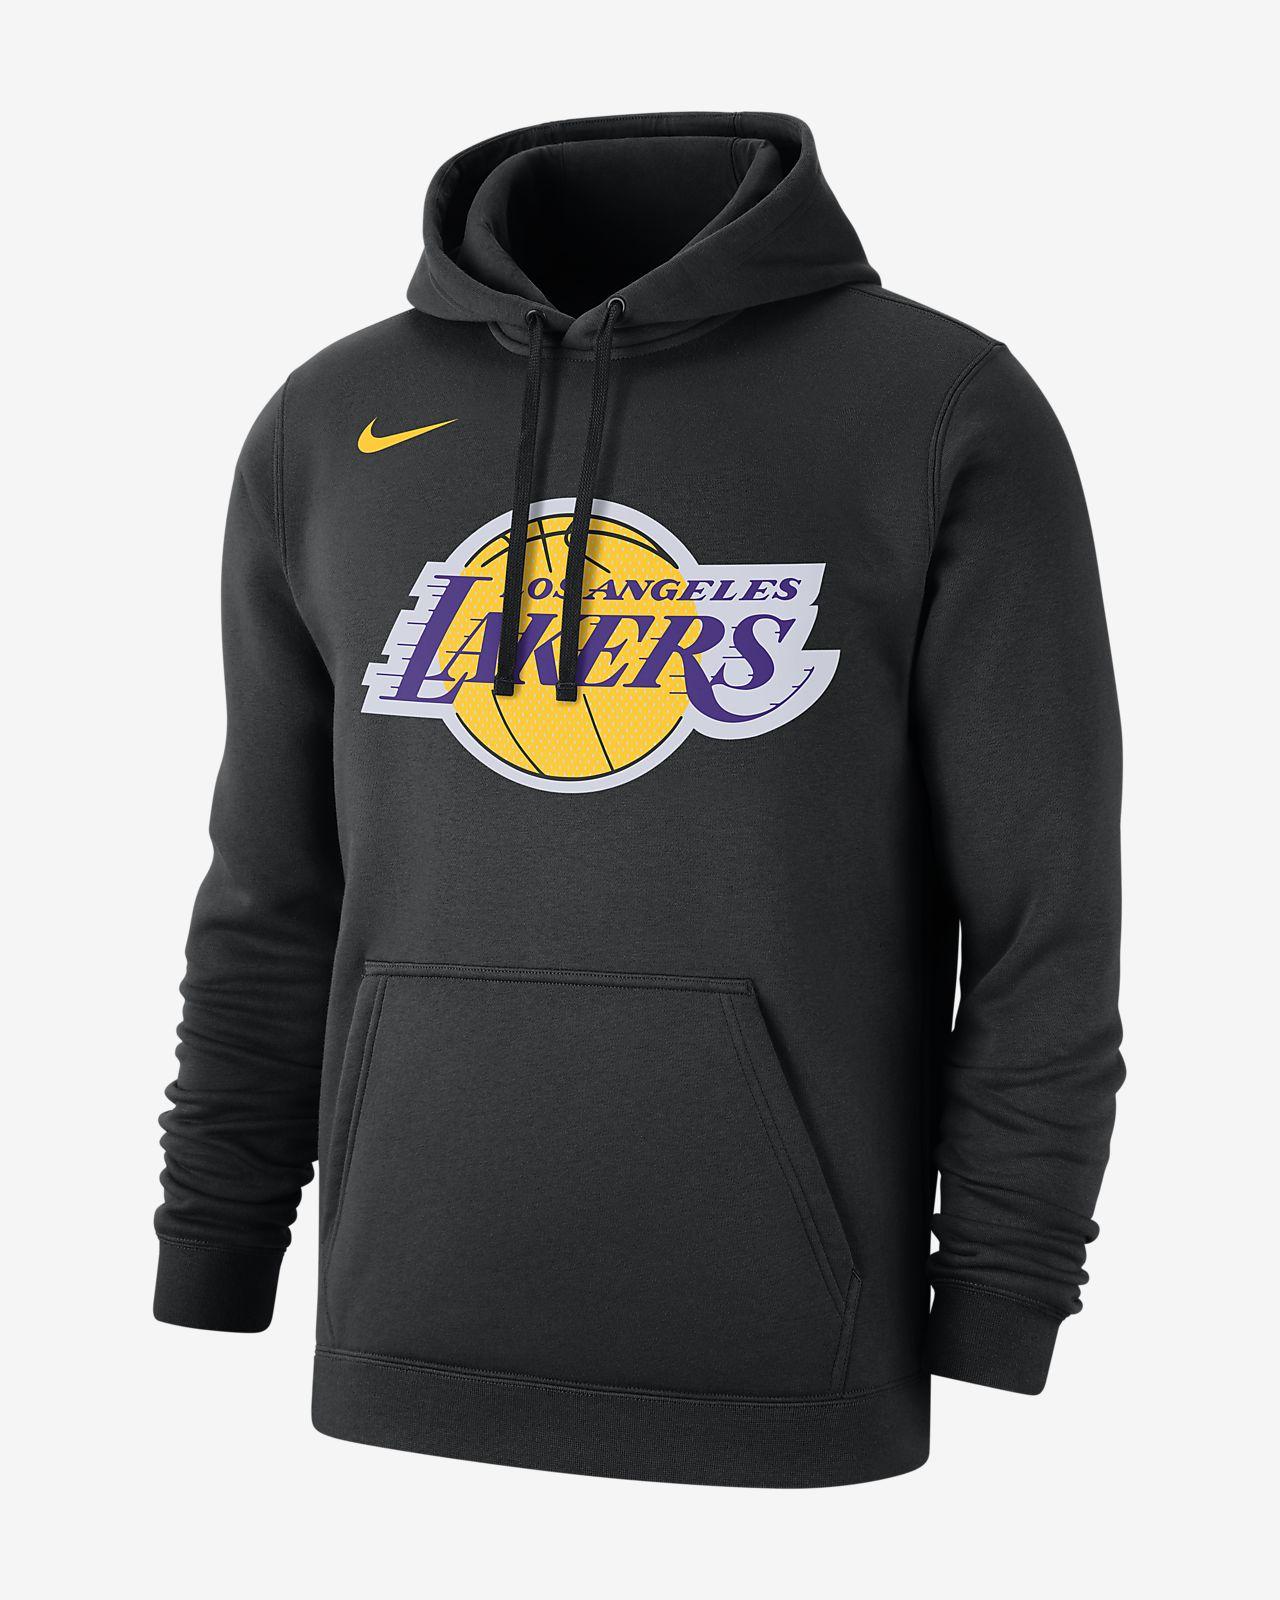 洛杉矶湖人队 Nike NBA 男子连帽衫